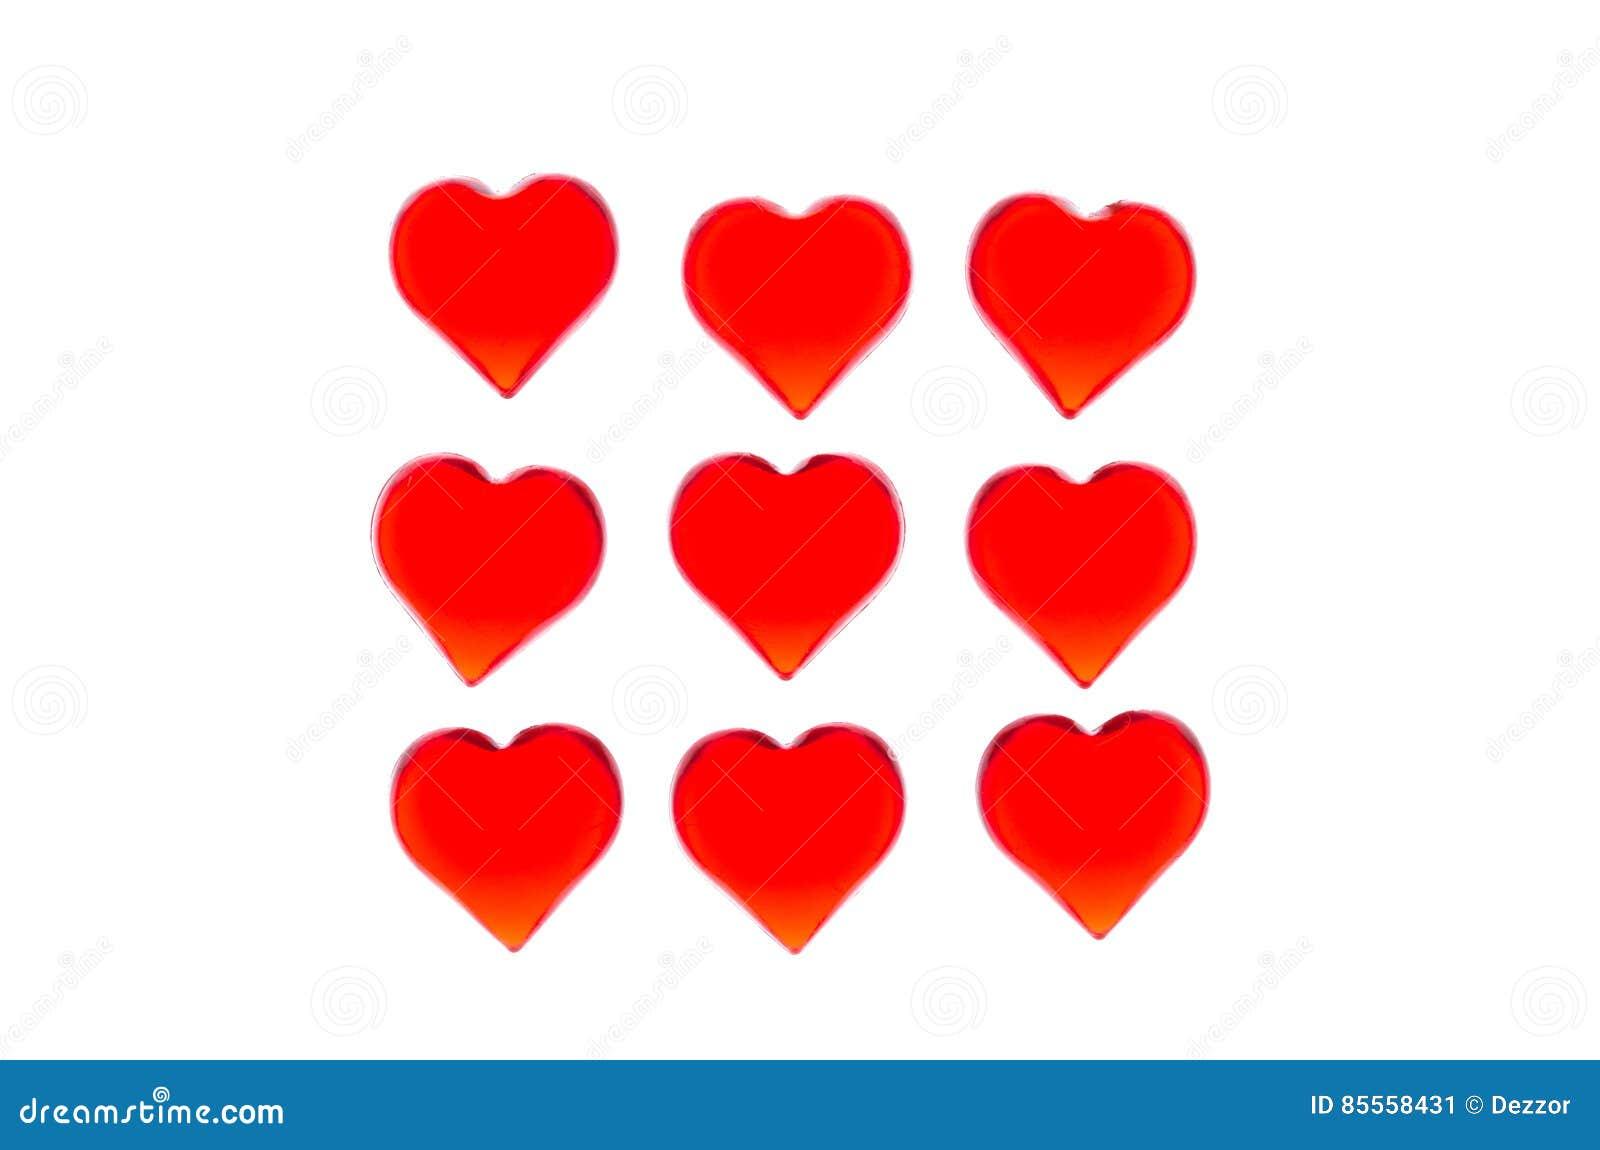 Helle rote Herzen 9 bessert in Form eines Quadrats aus Zwecks Valentinsgruß ` s Tag verwenden, Hochzeiten, internationaler Frauen